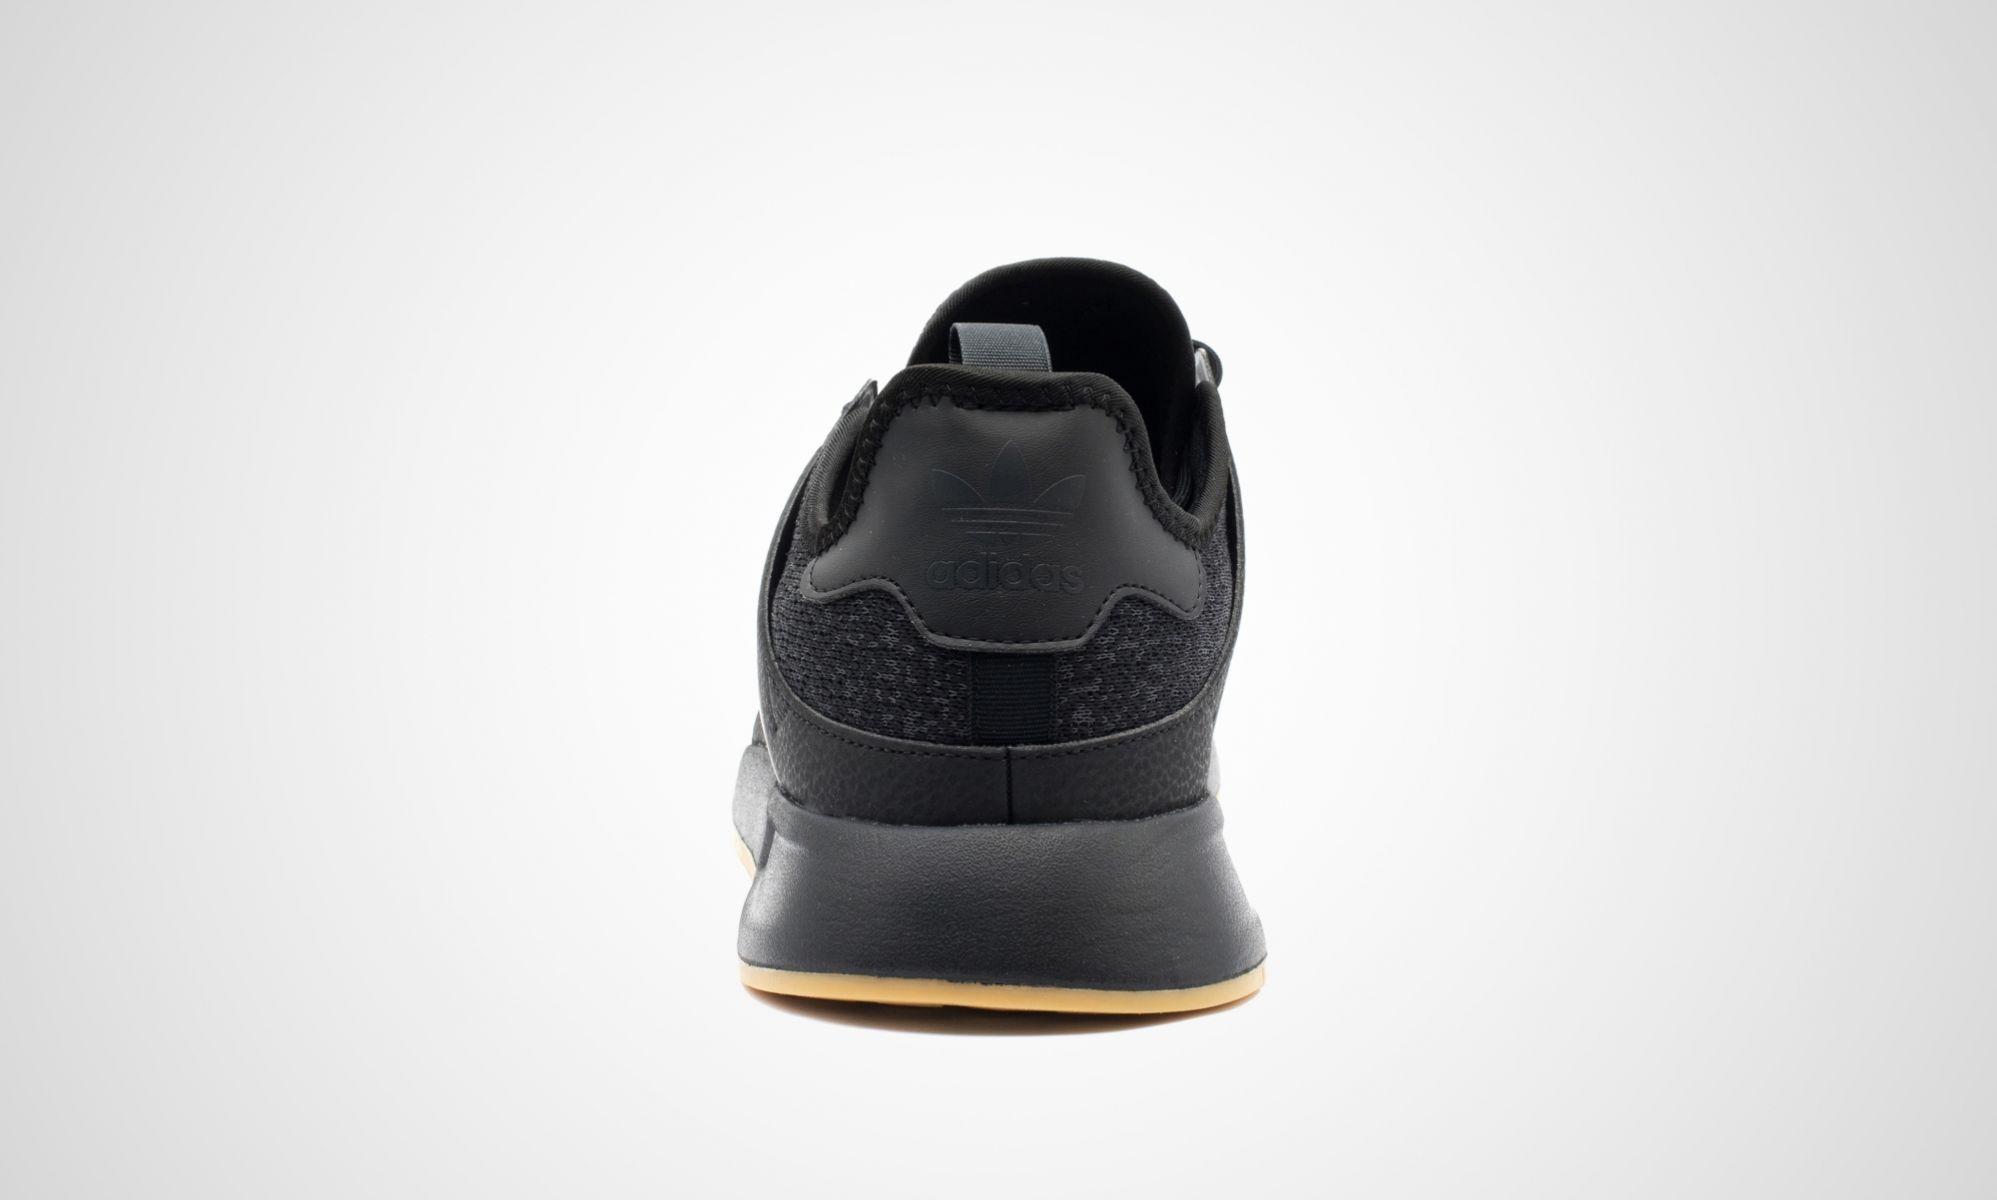 Adidas Originals Trefoil Scarpe Sneakers Trainers Sportive Nero X PLR Uomo  201 5 5 di 12 ... 9ea627e87928